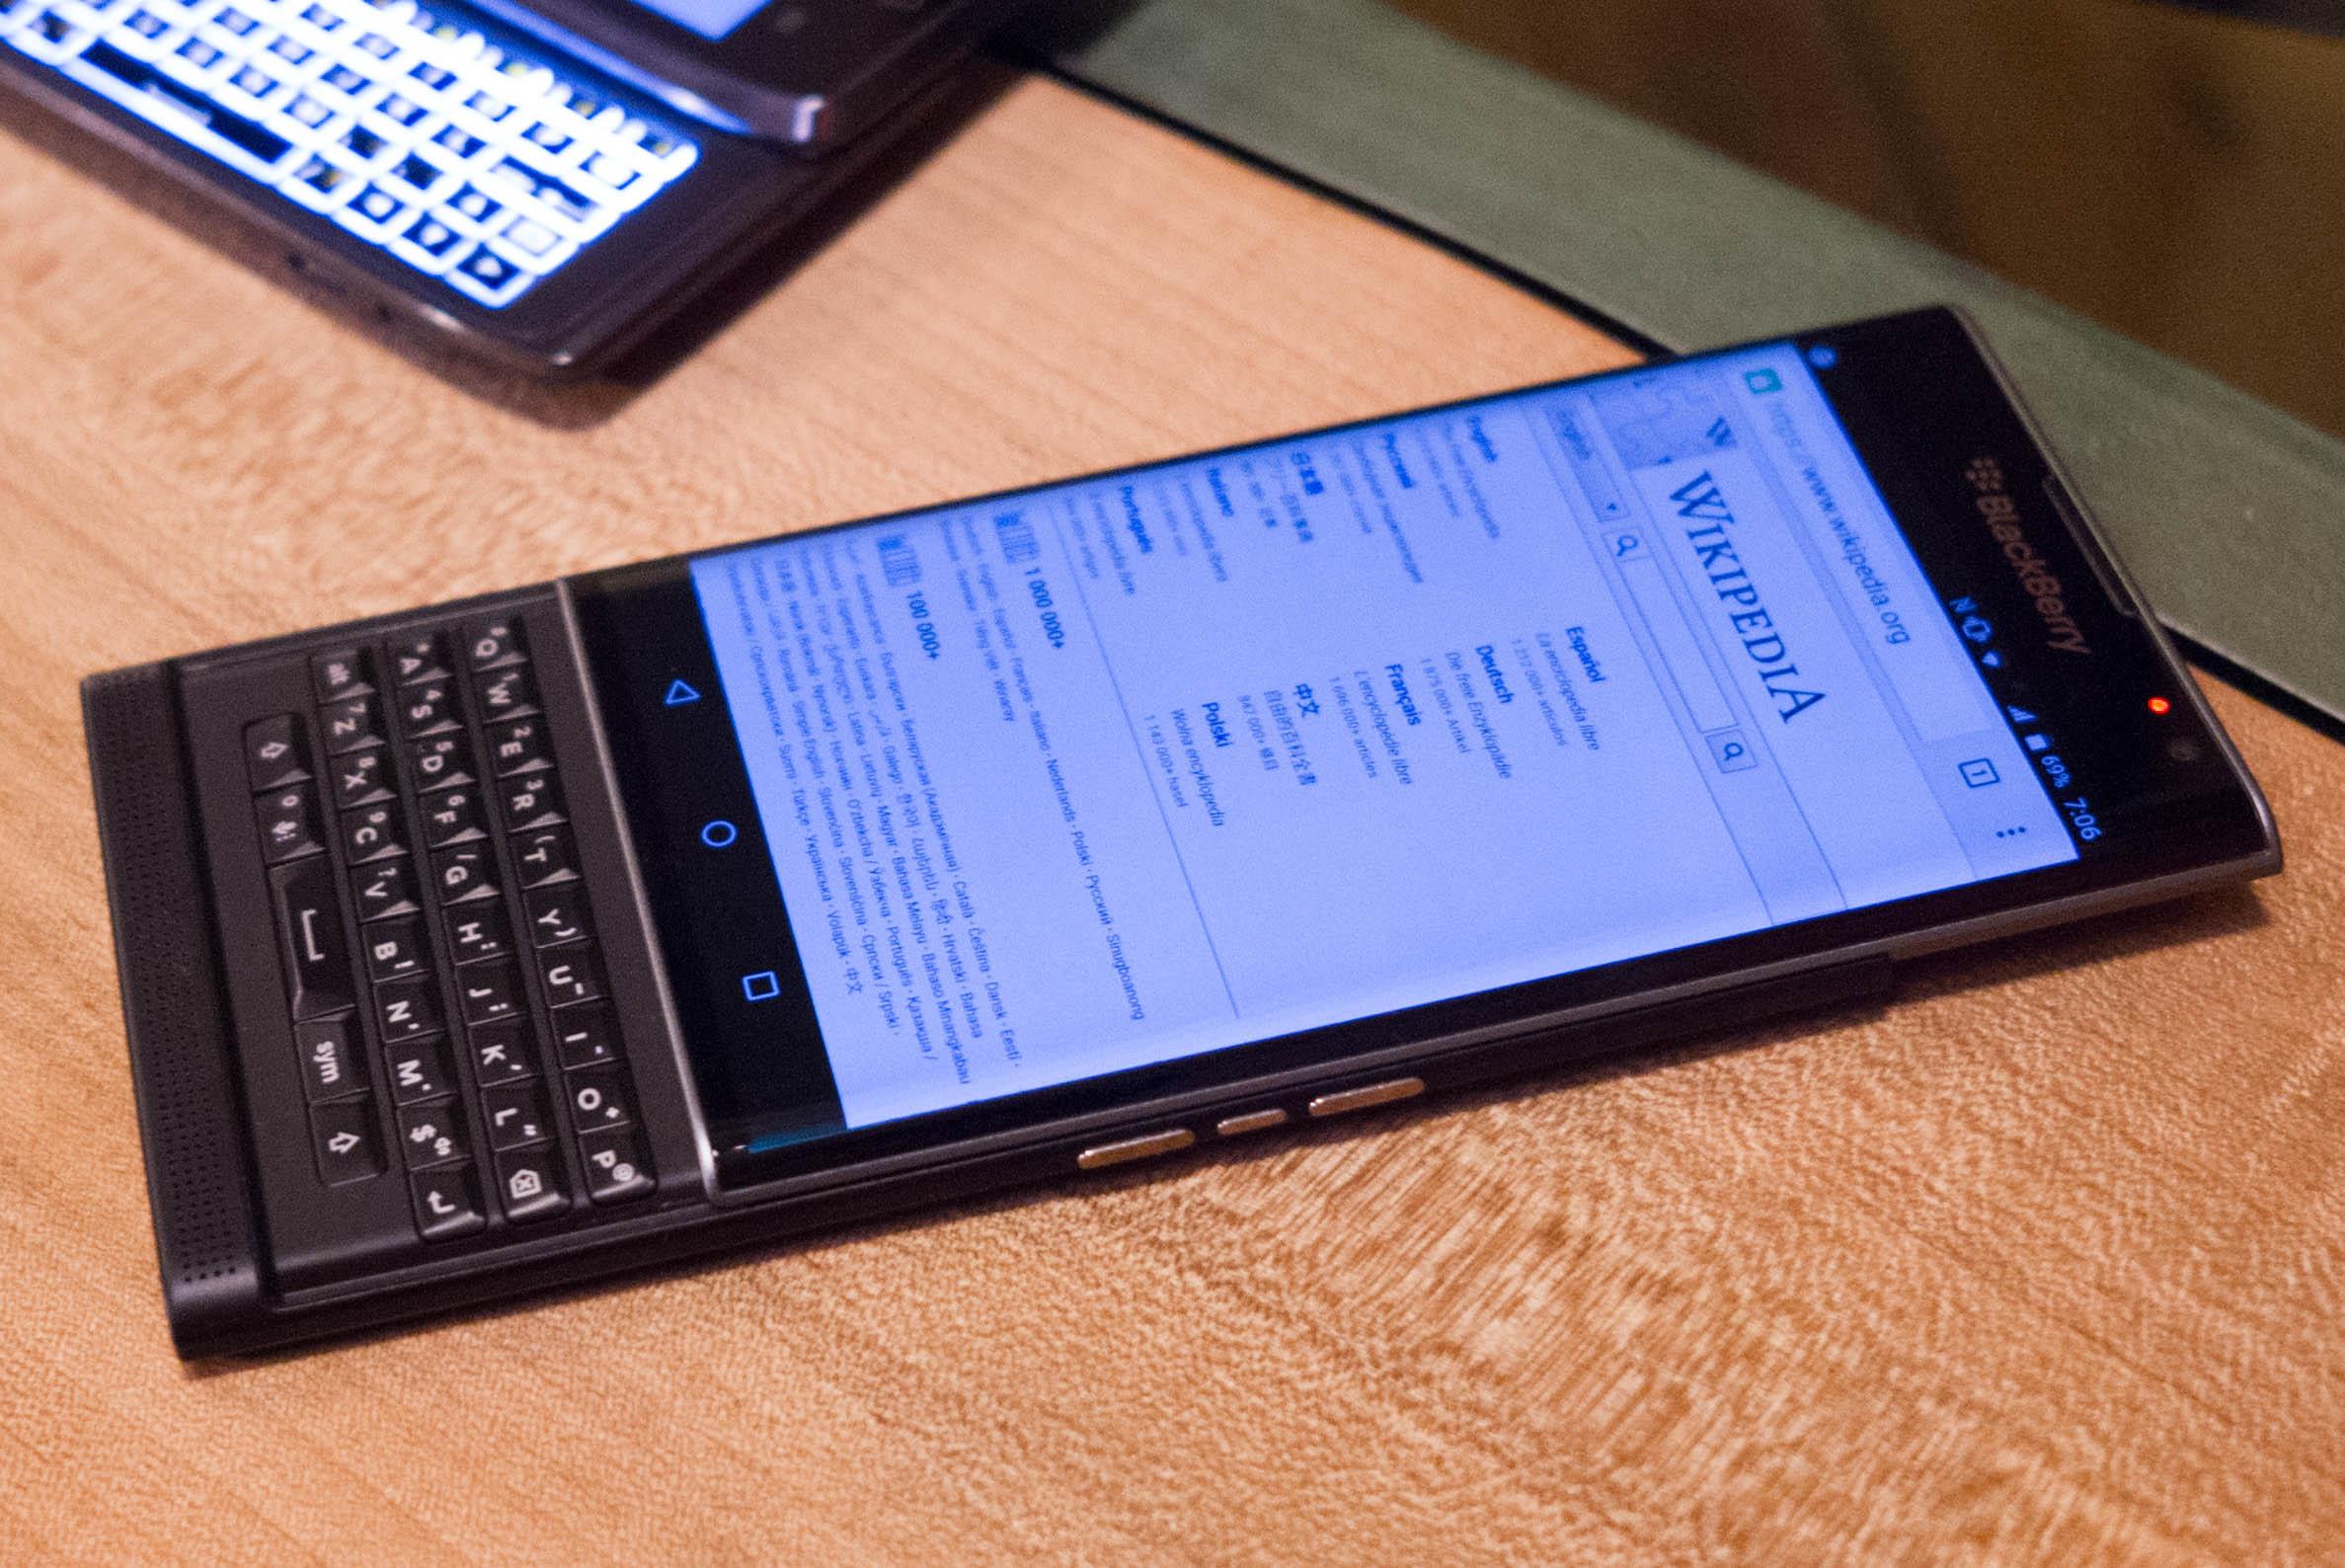 Blackberry priv AT&T